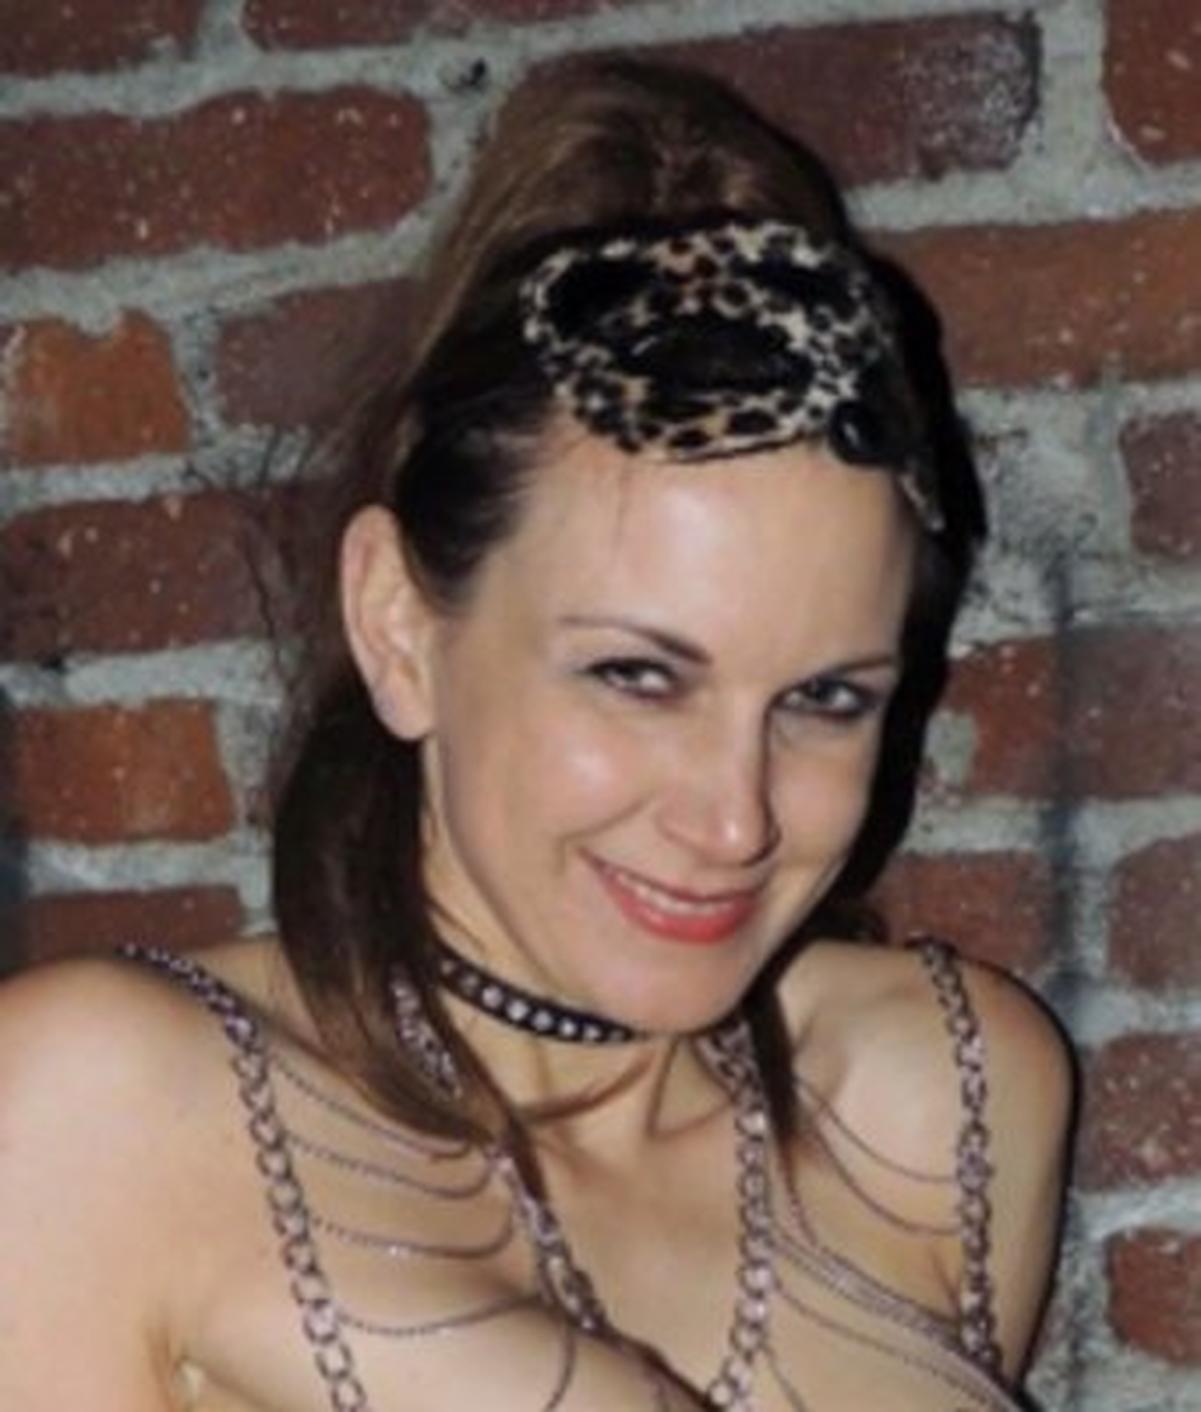 Valerie Voxx